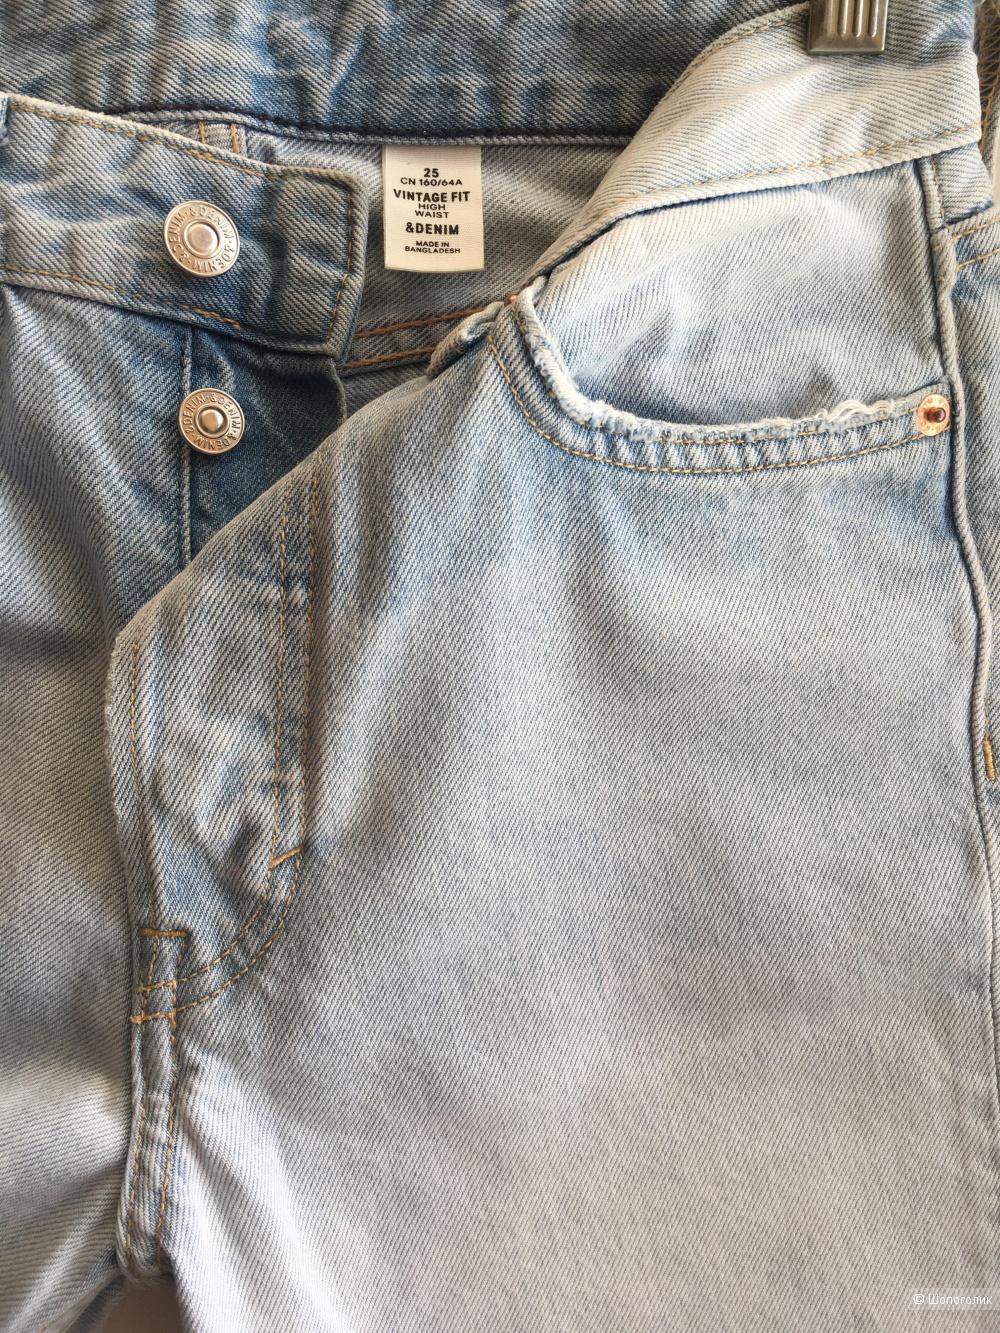 Джинсы H&M(размер 25)